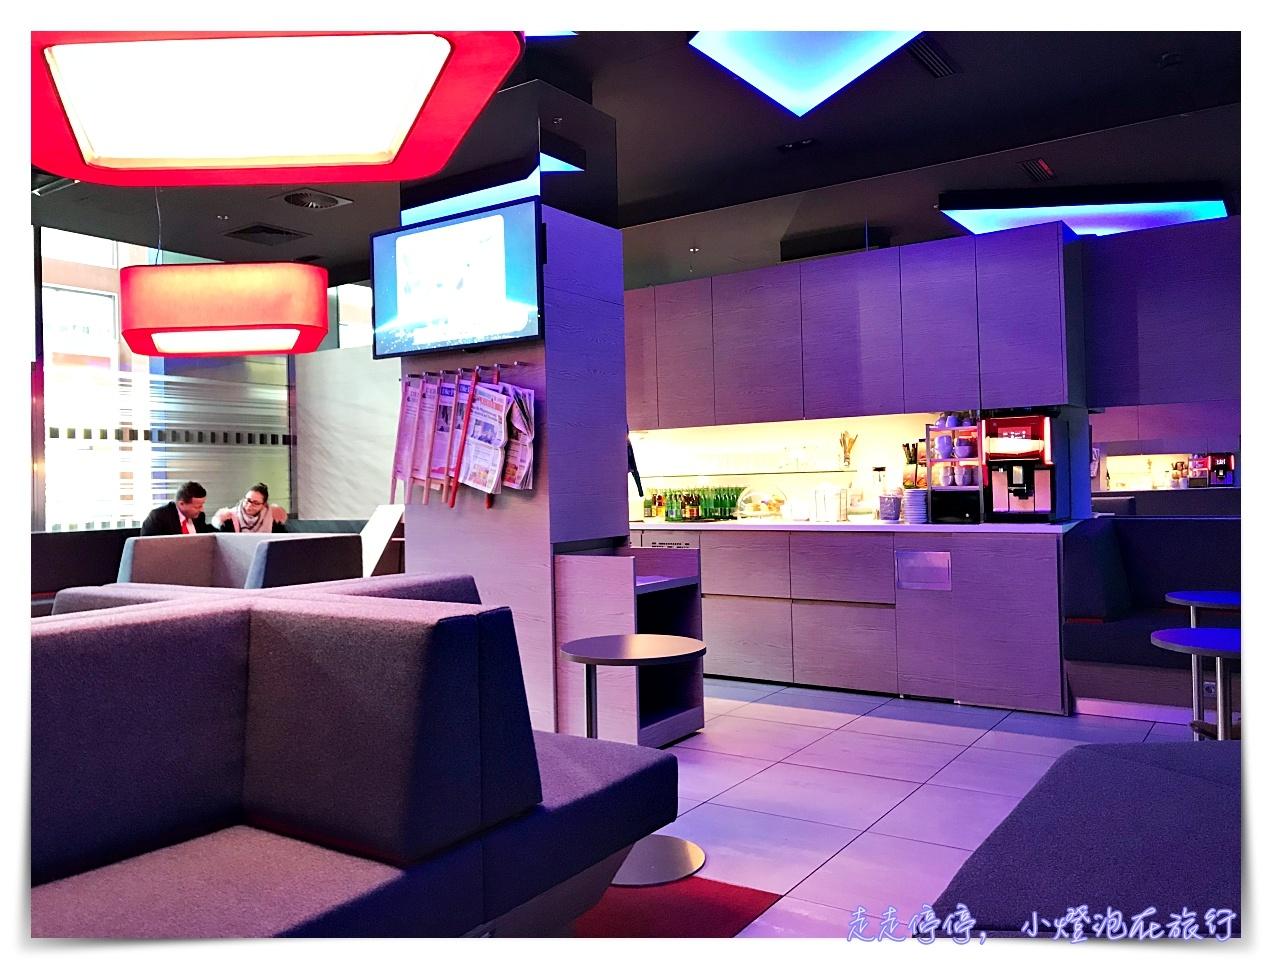 歐洲火車通行證OBB Lounge|因斯布魯克innsbruck lounge火車站貴賓室使用紀錄~一等車票1st class,免費使用奧地利、德國境內火車站貴賓室~